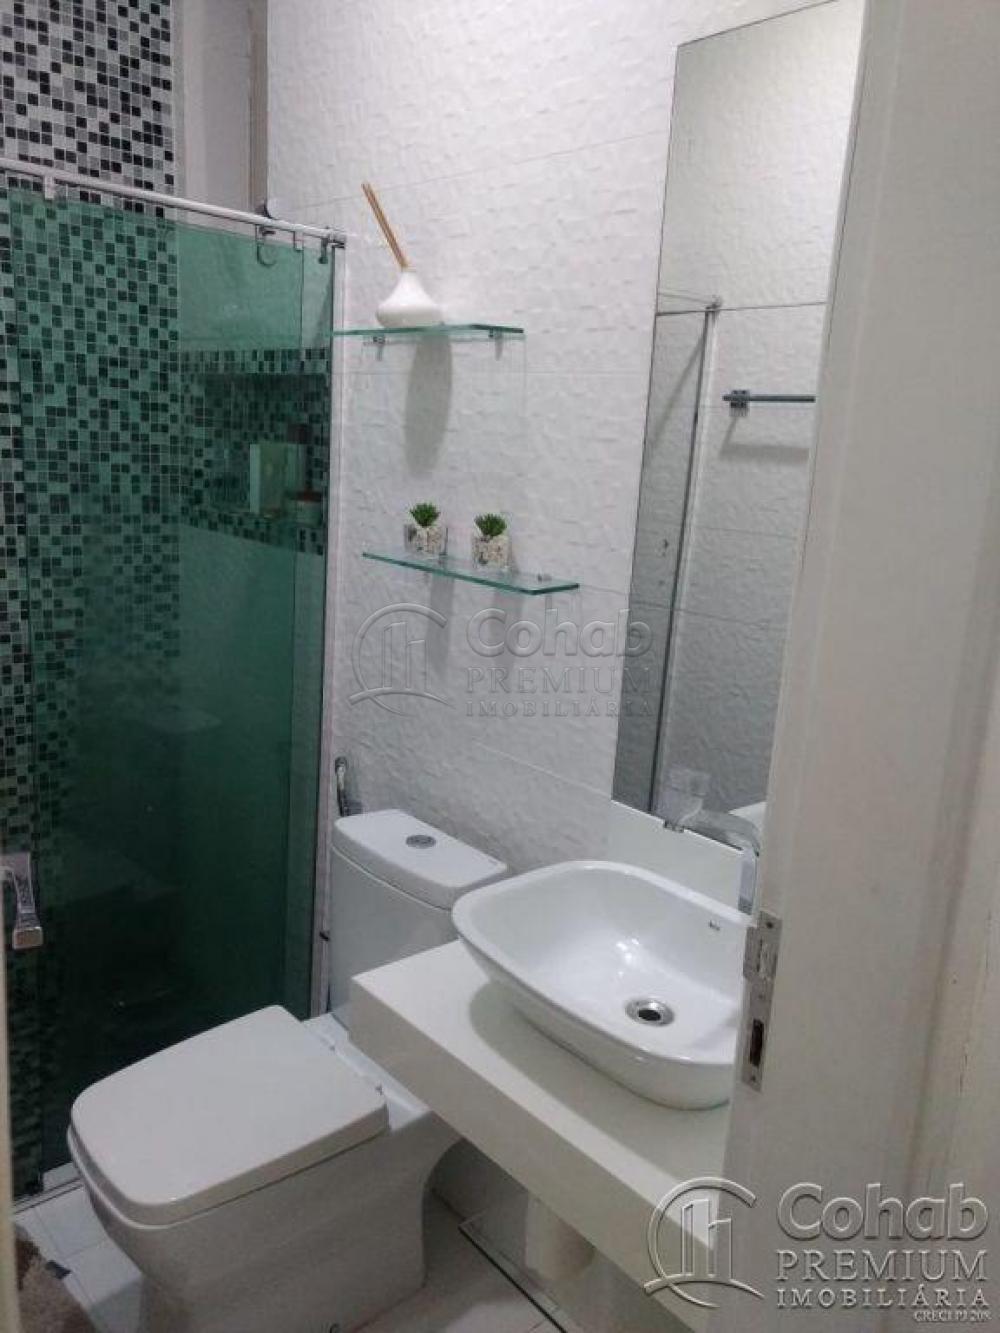 Comprar Casa / Padrão em Aracaju apenas R$ 530.000,00 - Foto 14